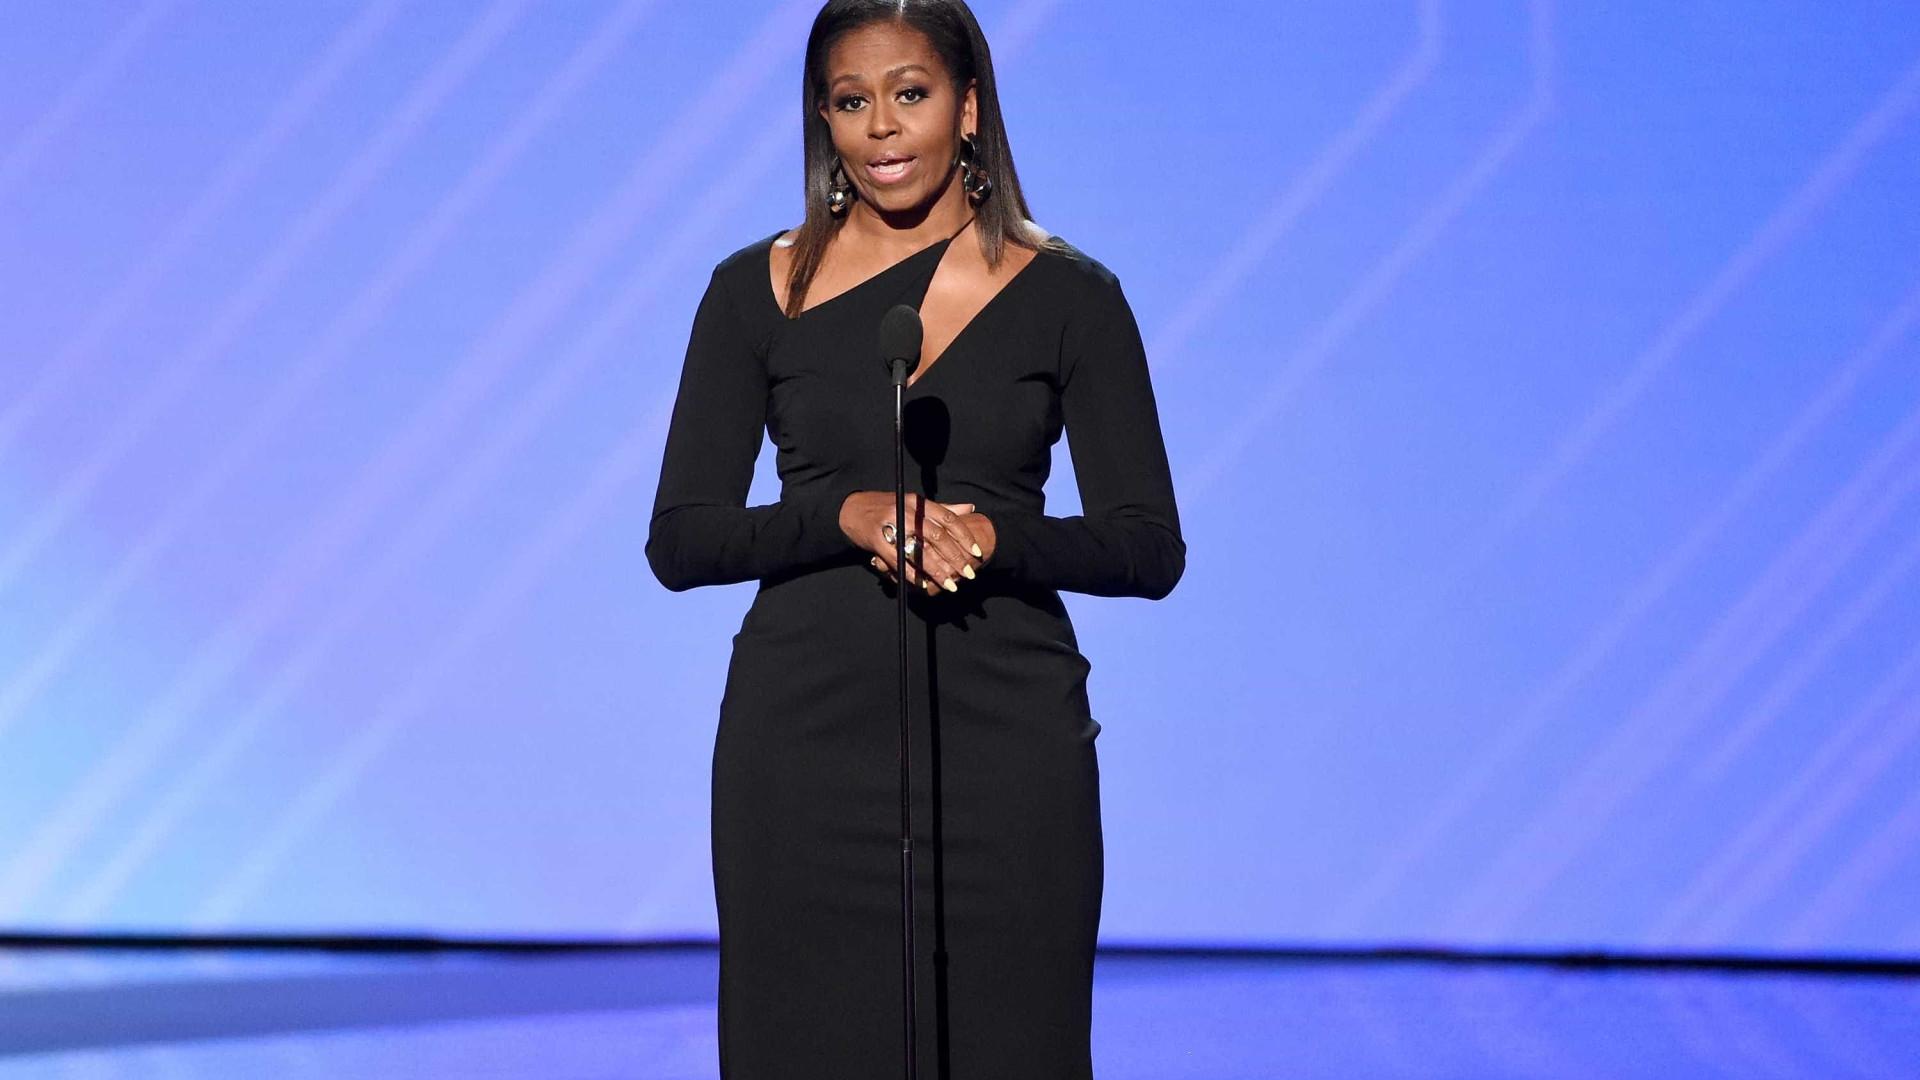 Michelle Obama lança livro de memórias com revelações